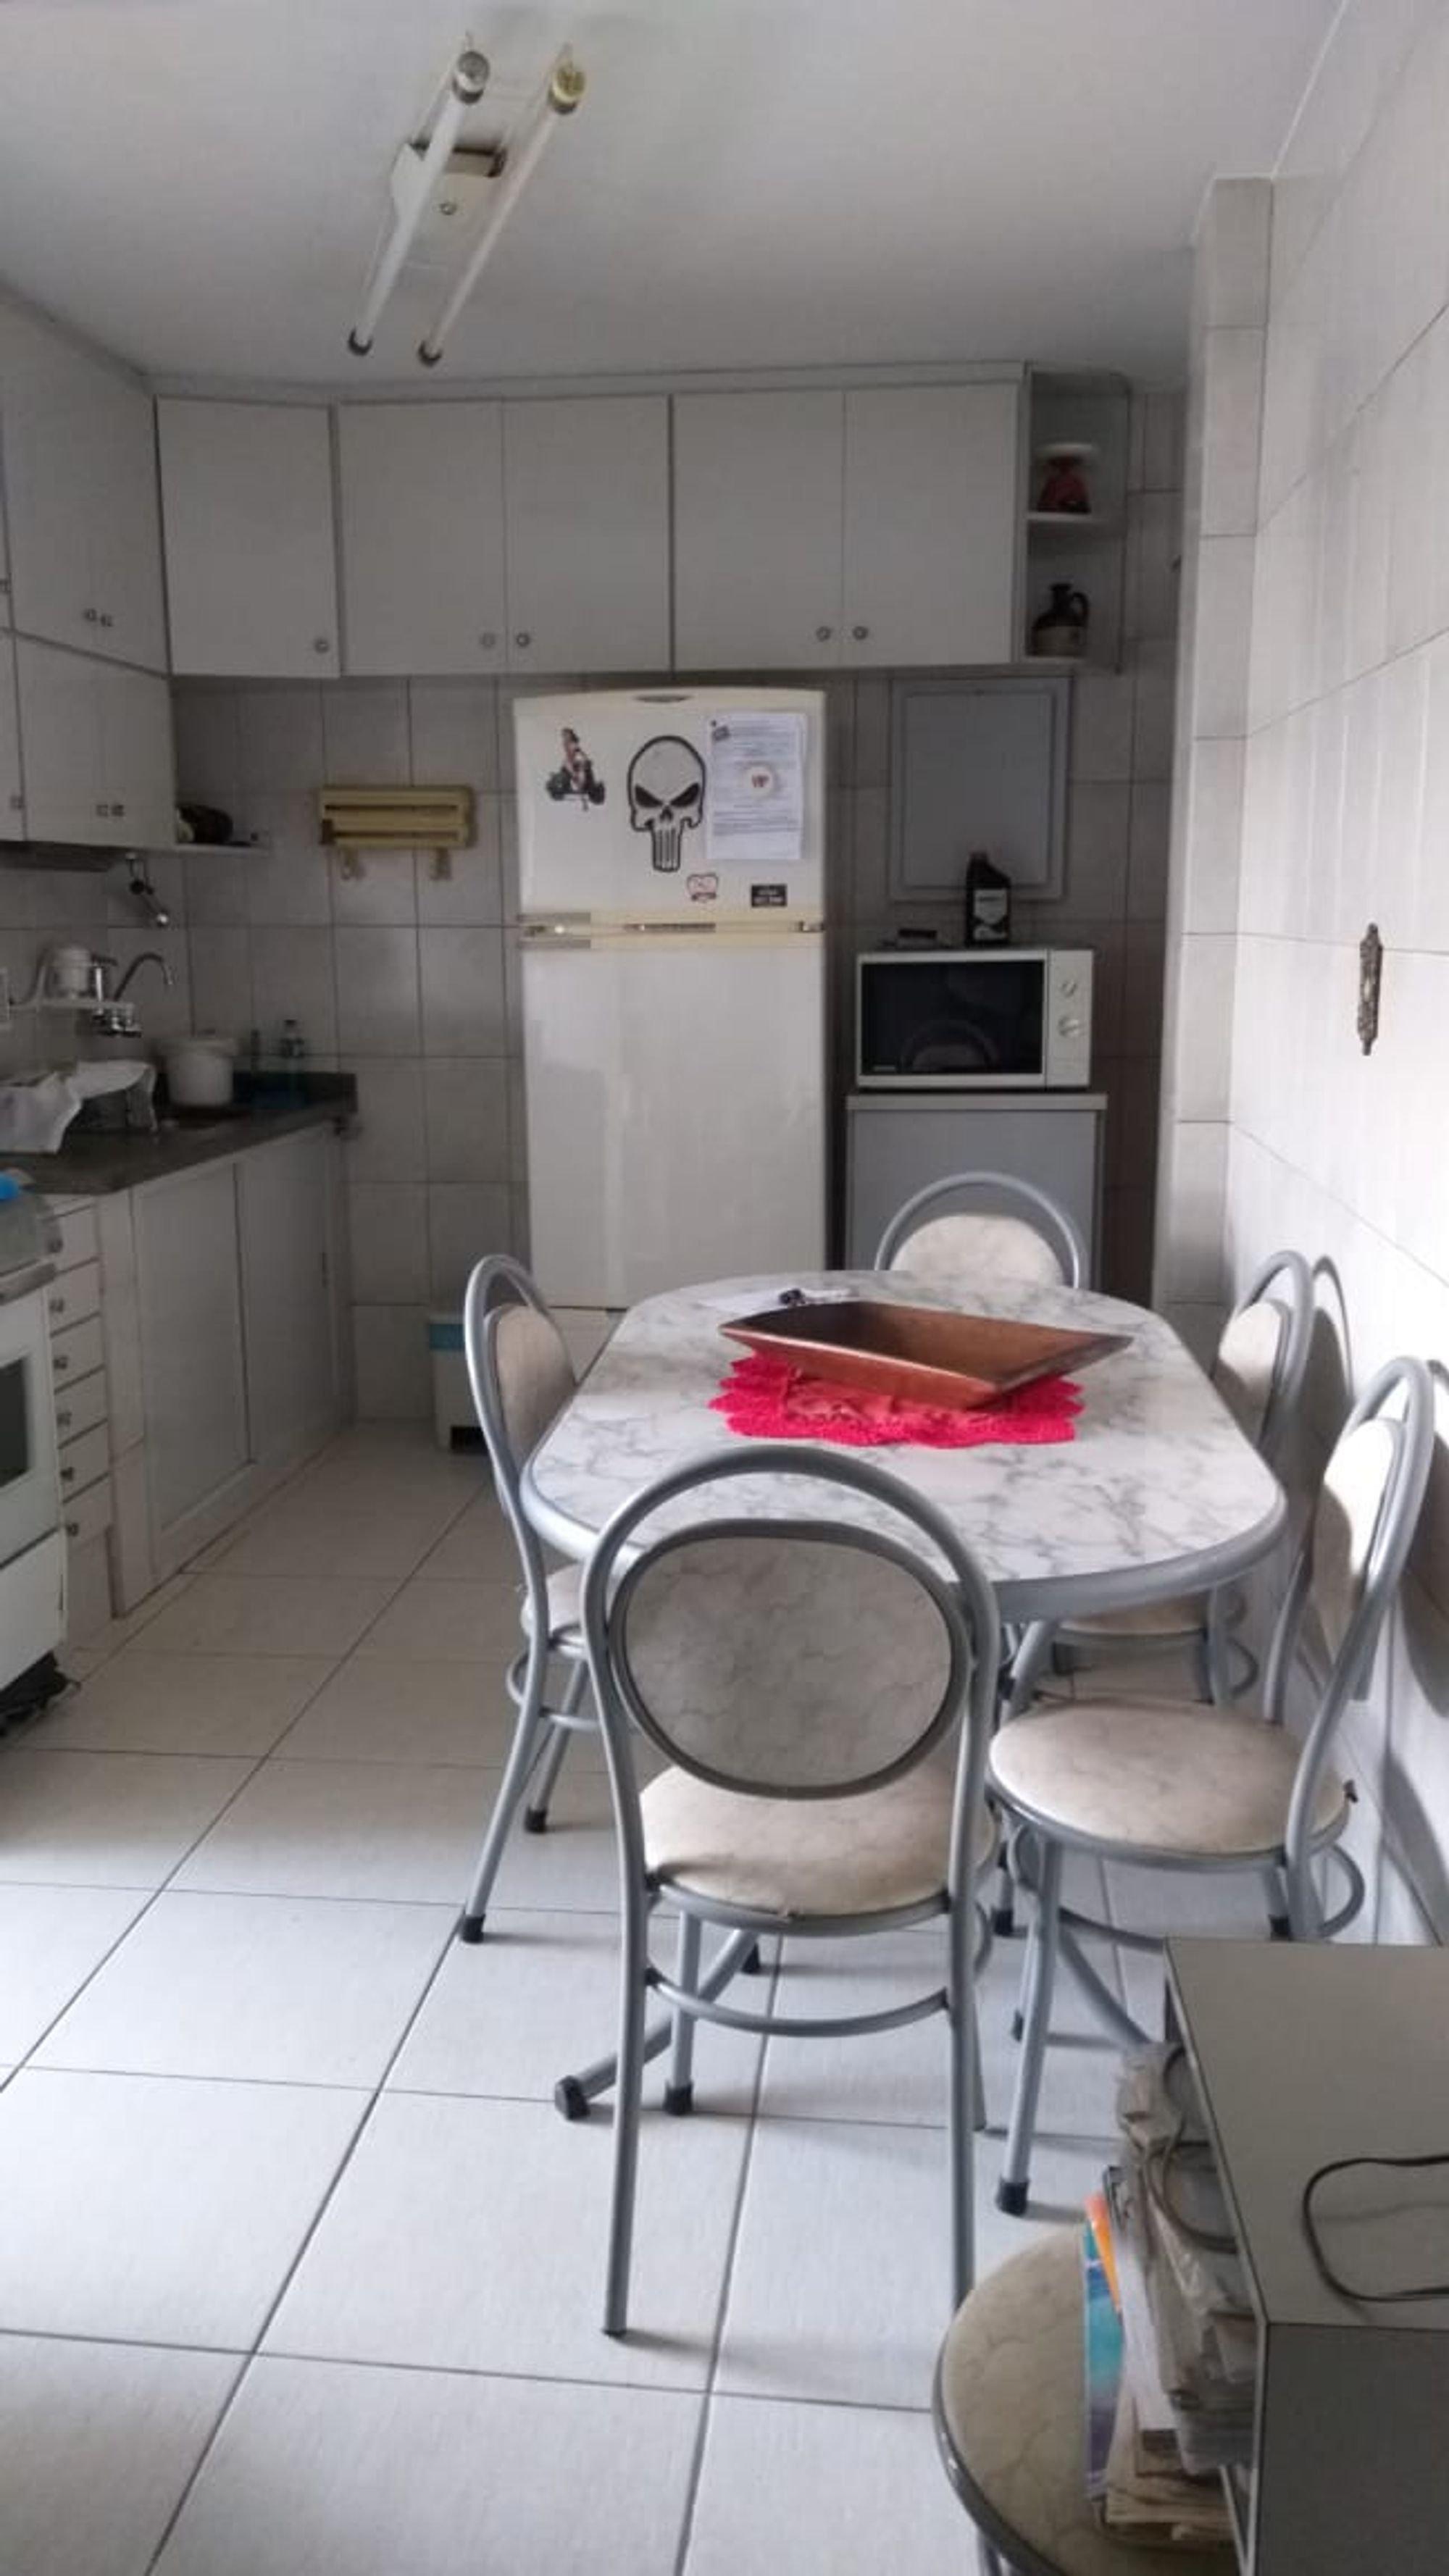 Foto de Cozinha com forno, geladeira, cadeira, microondas, mesa de jantar